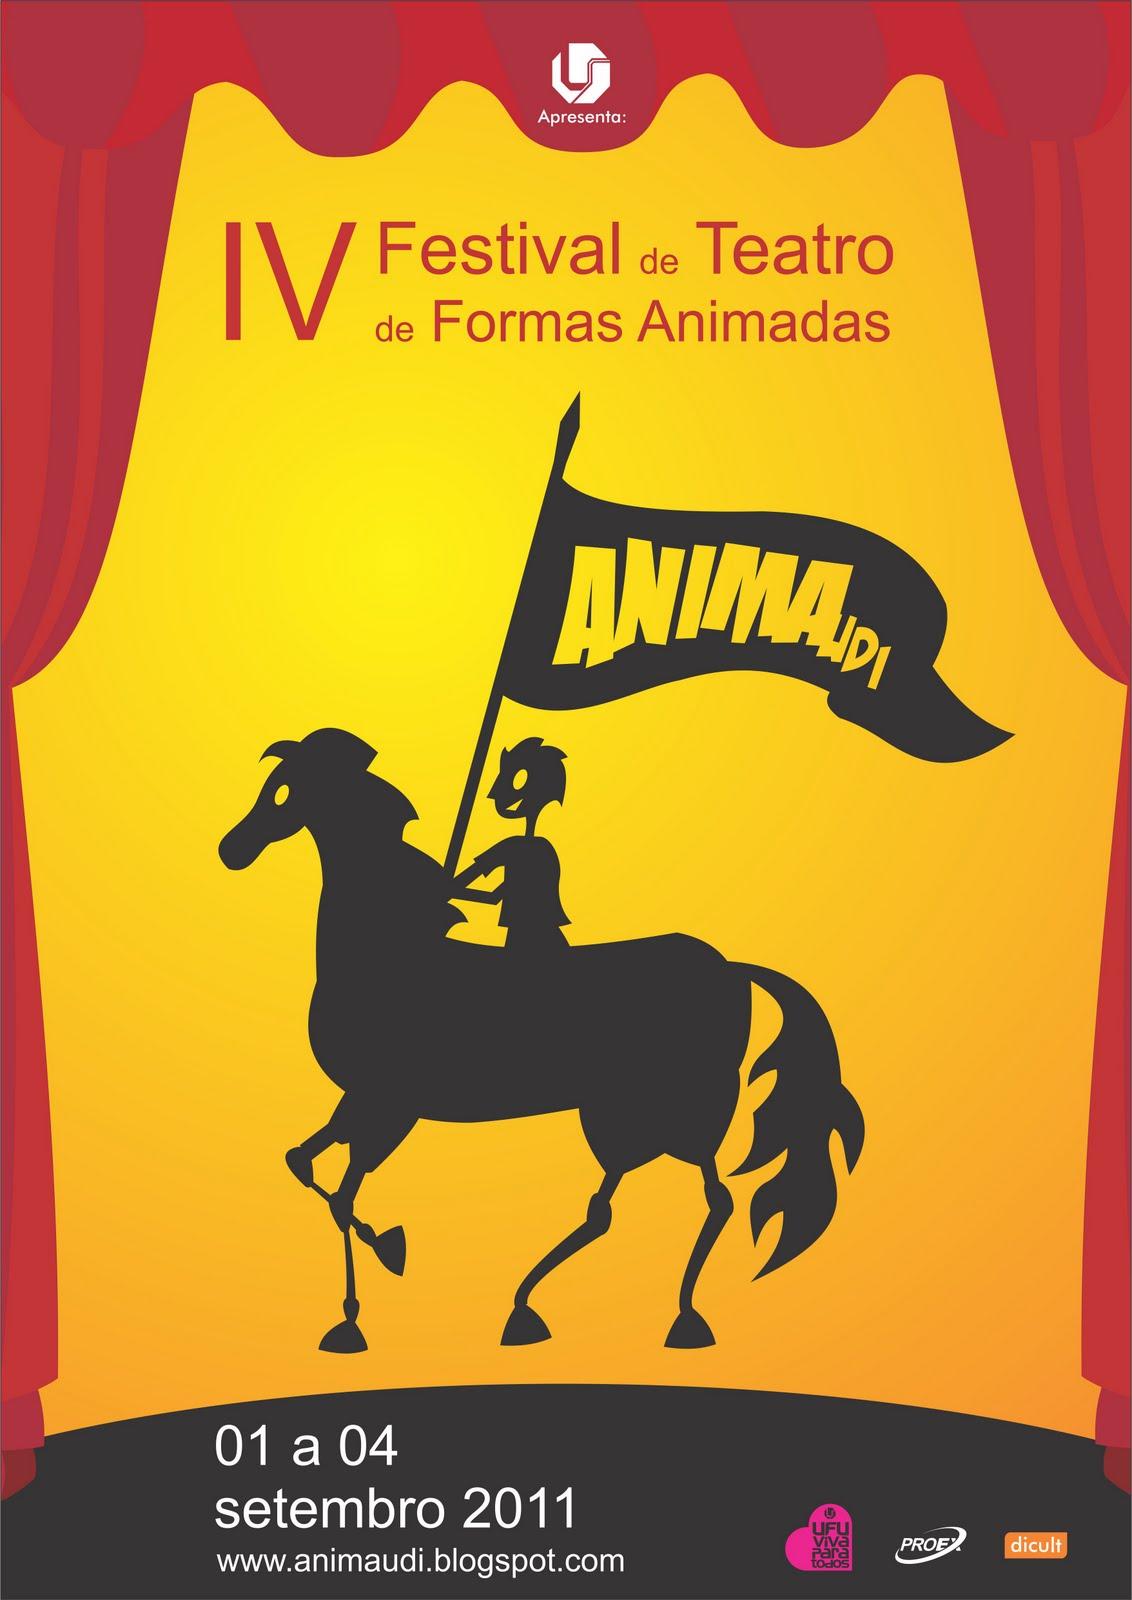 ANIMA UDI - Festival de Teatro de Formas Animadas